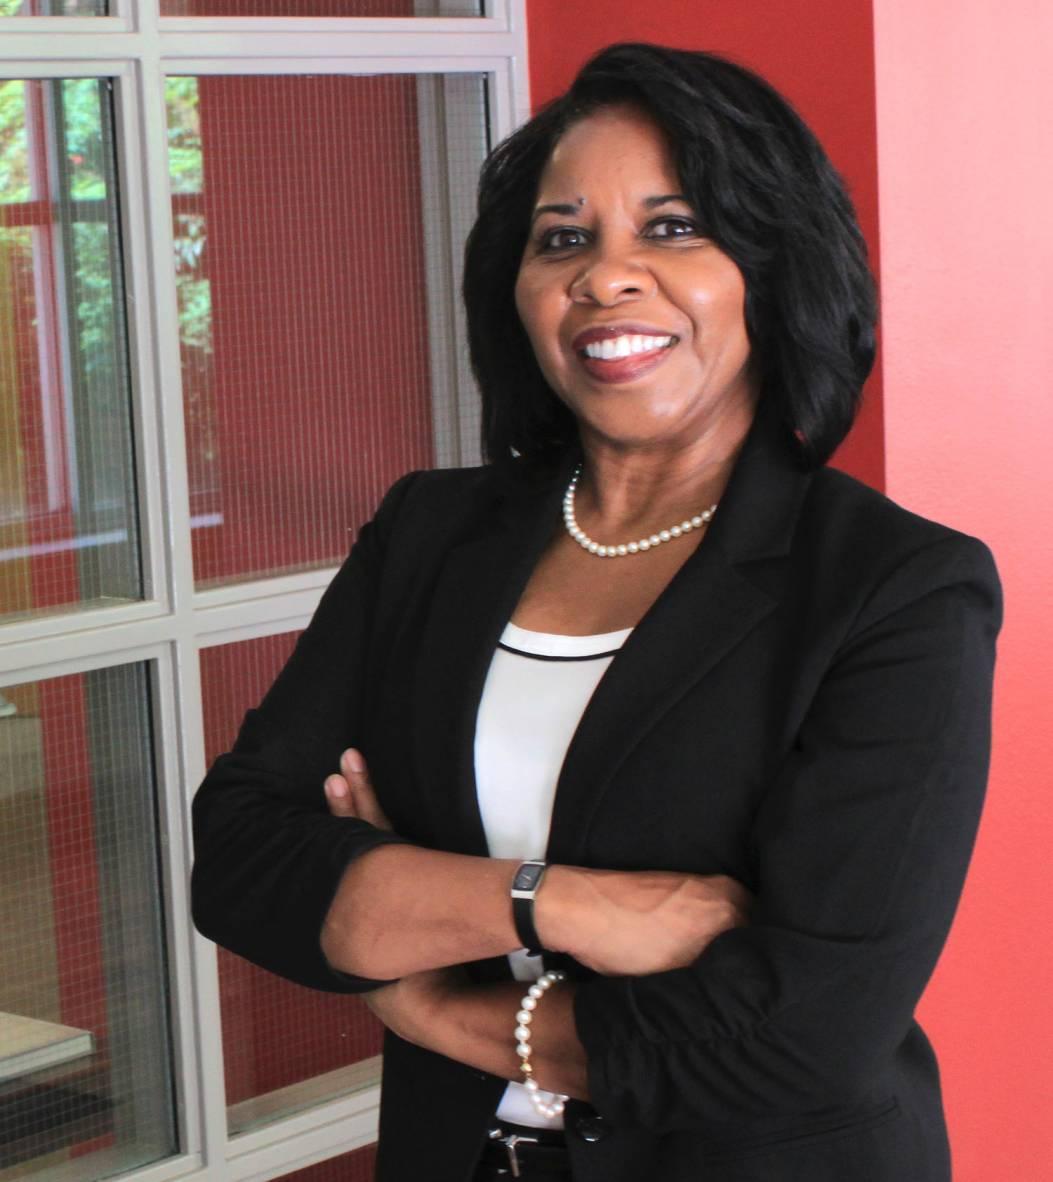 Bev Porter, director, NC State Poole College Jenkins Career Management Center